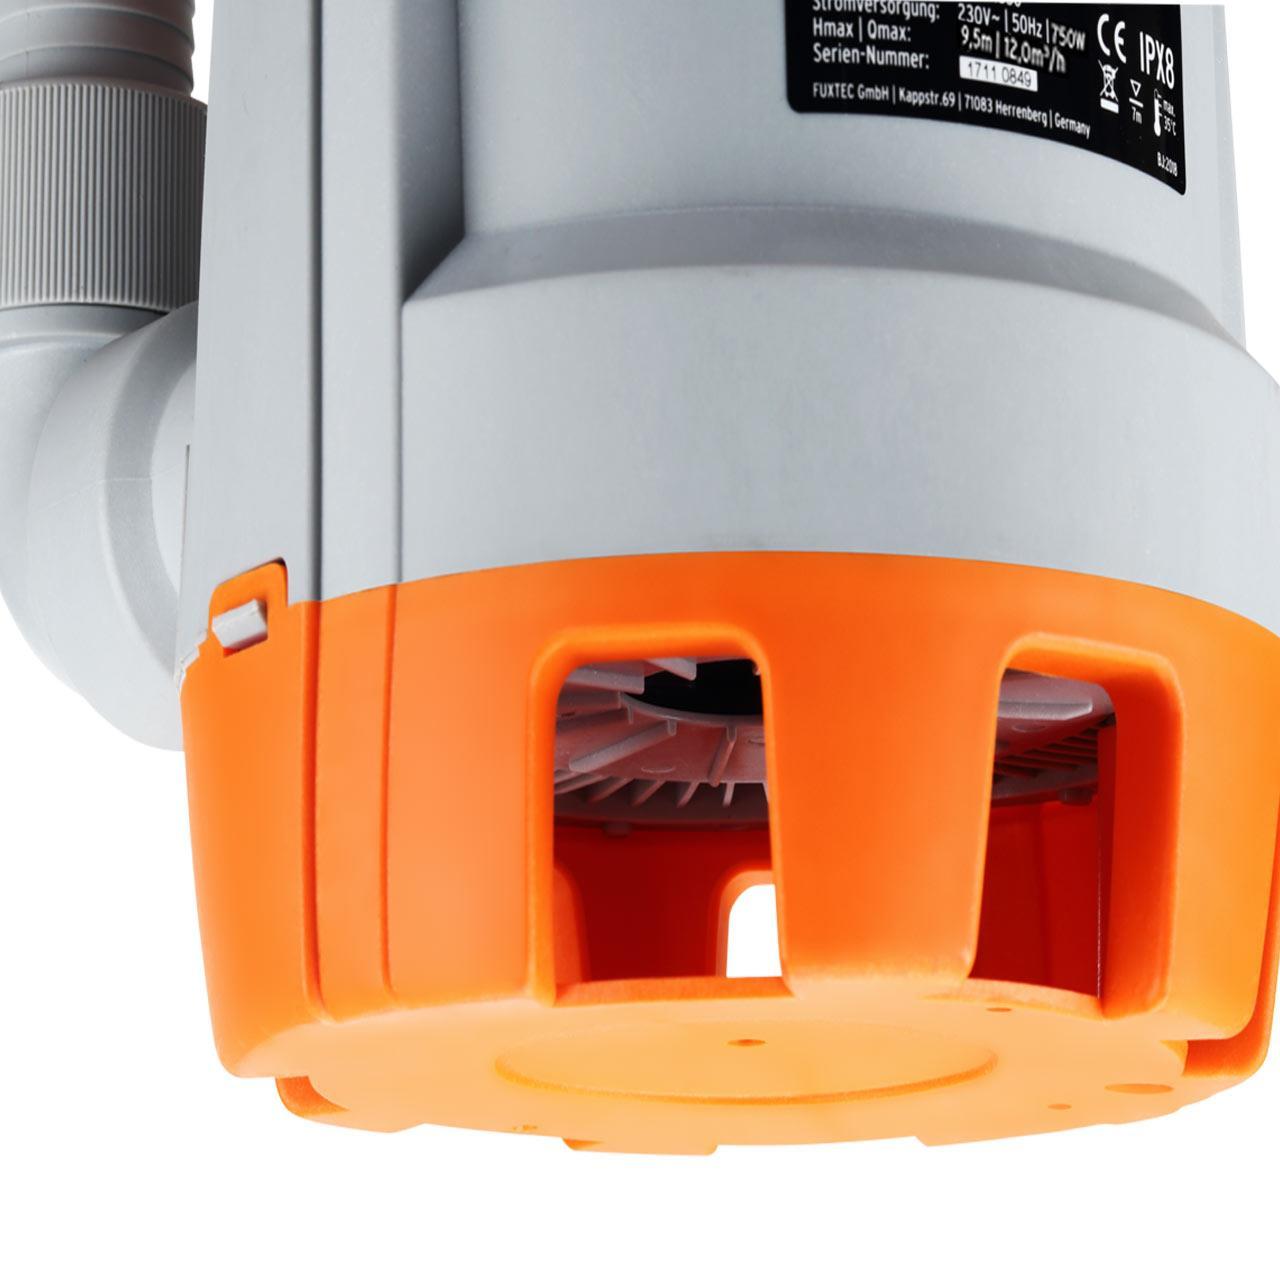 FUXTEC Tauchpumpe FX-TP1750 - 750 Watt